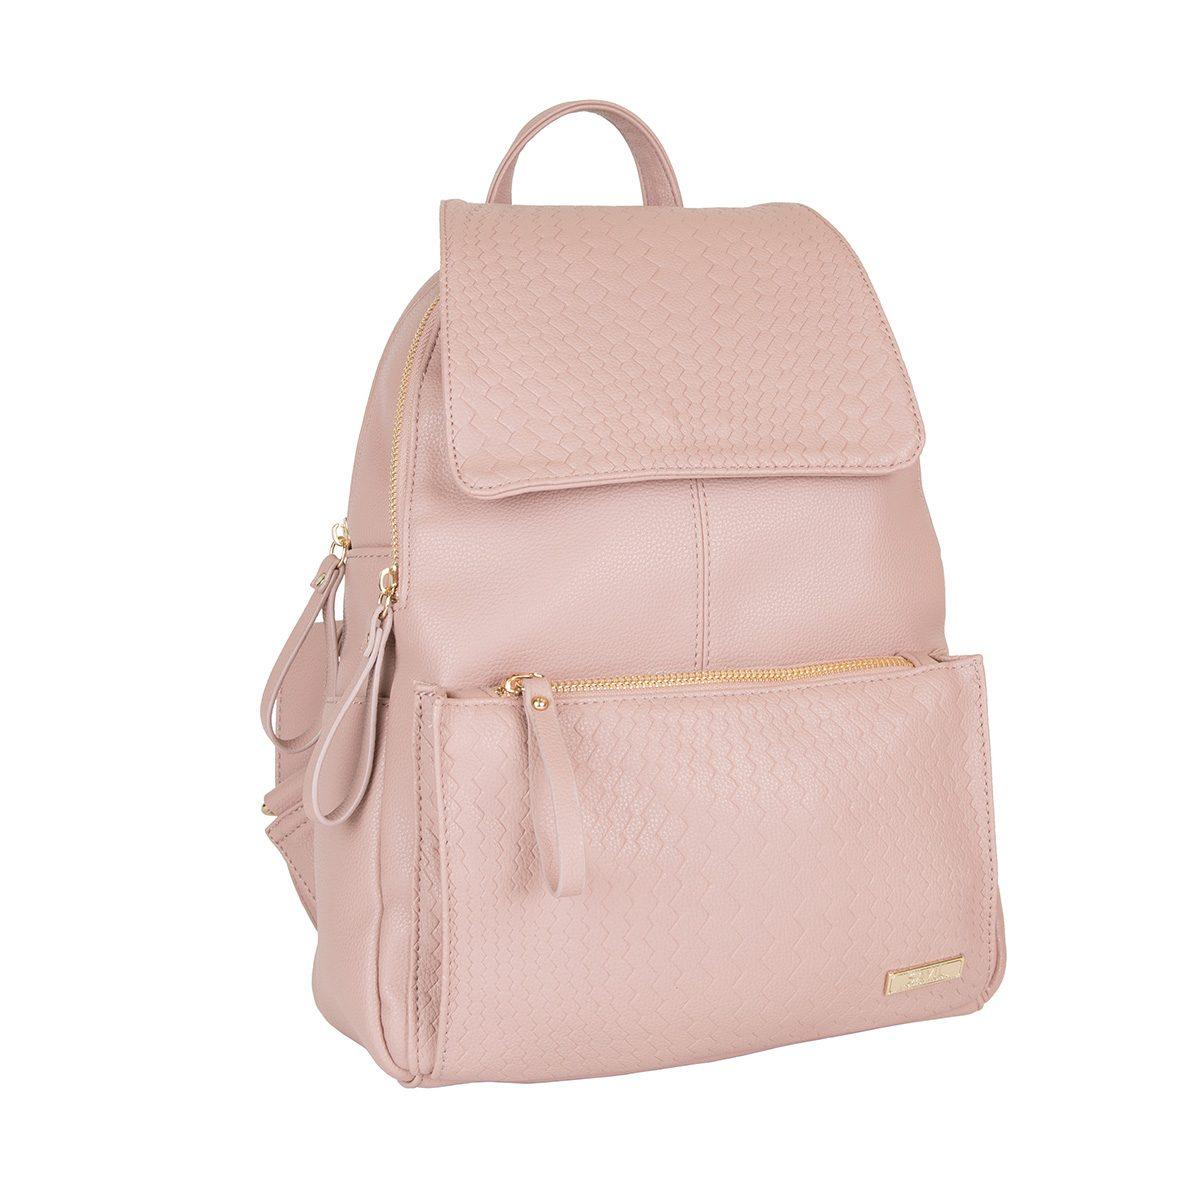 Bagsin-Savil-18-43-22-Pink-A1